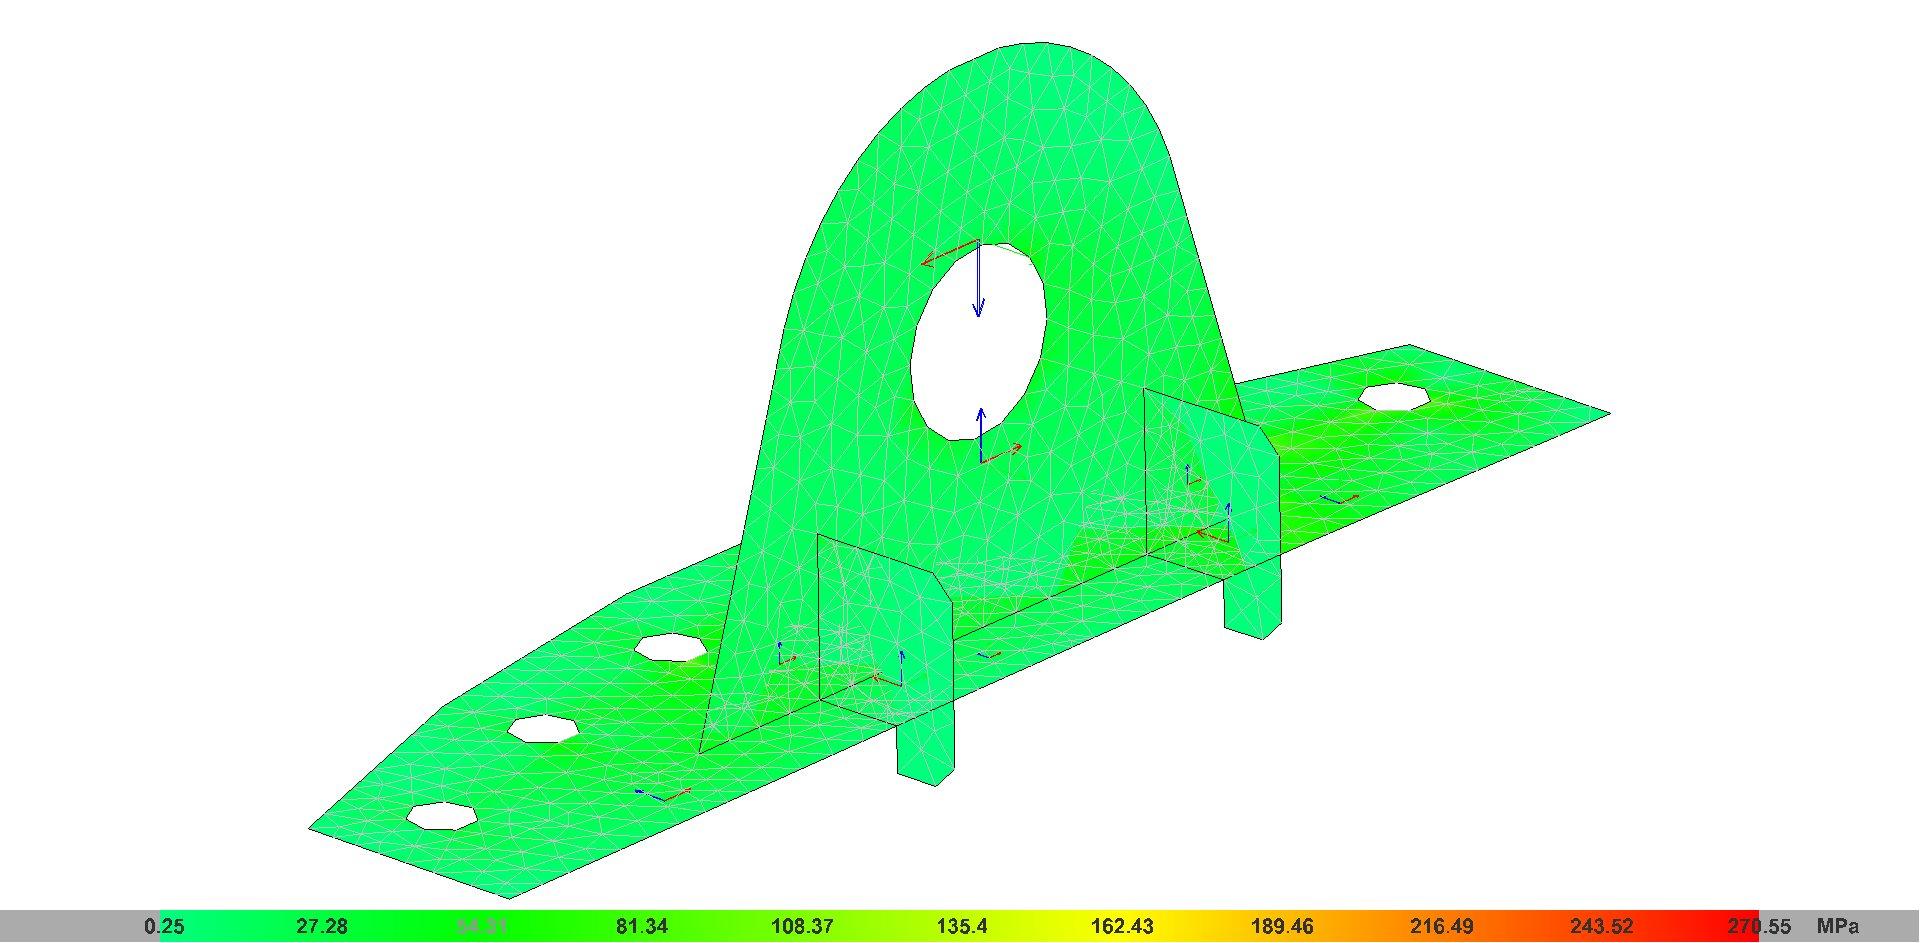 Orejetas agarre 01 - Proyectos ACCE Ingeniería